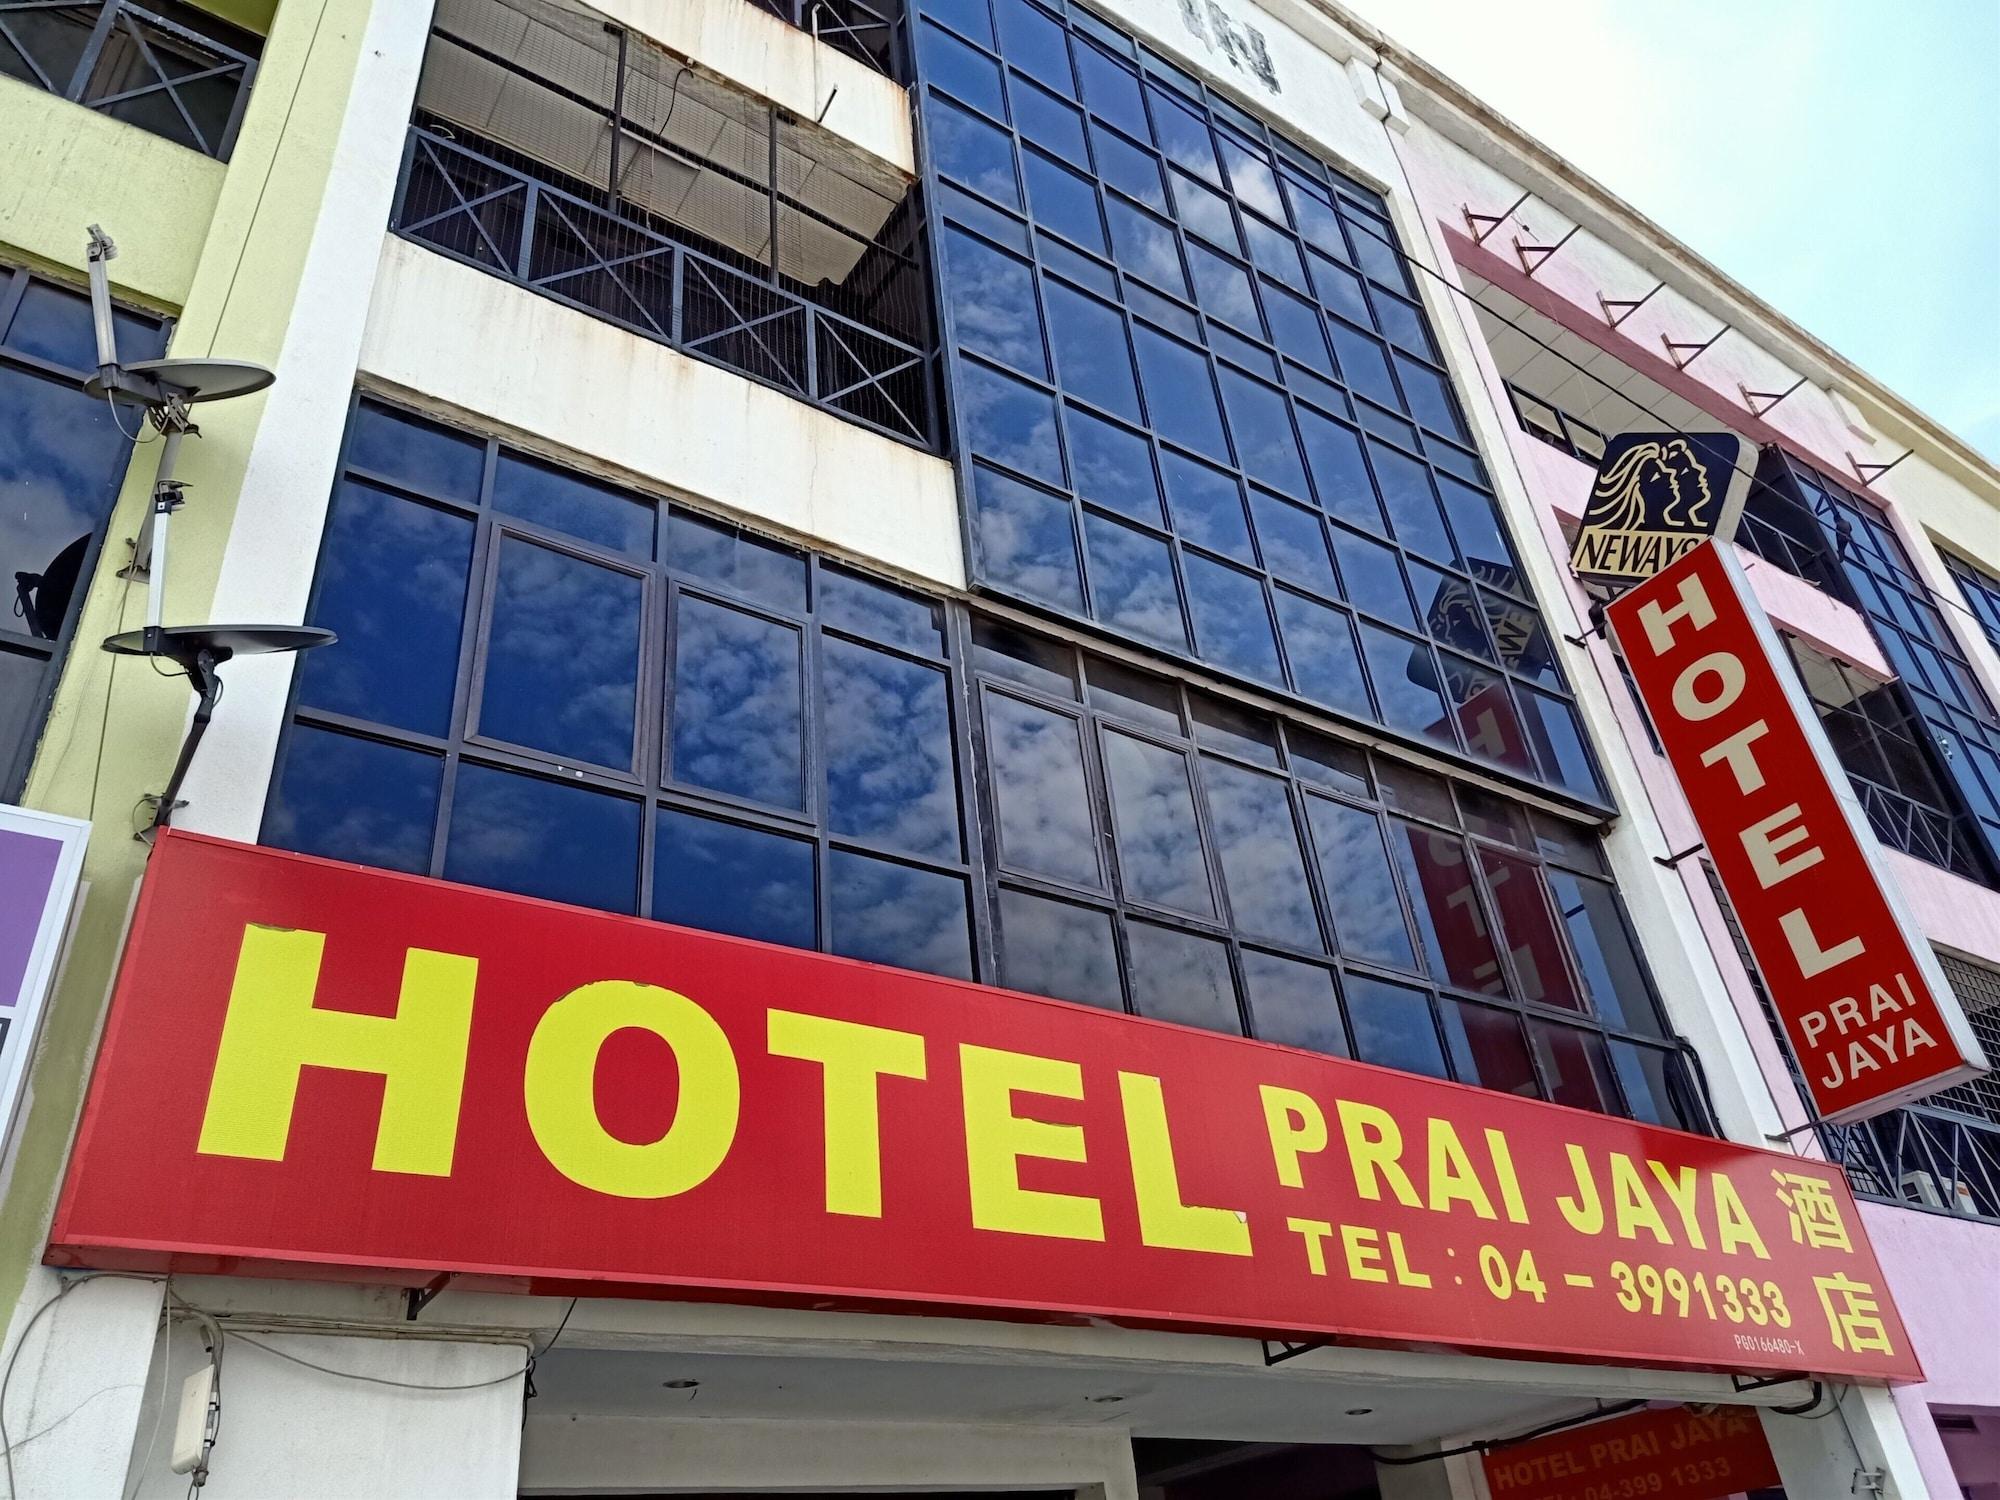 Hotel Prai Jaya, Seberang Perai Tengah